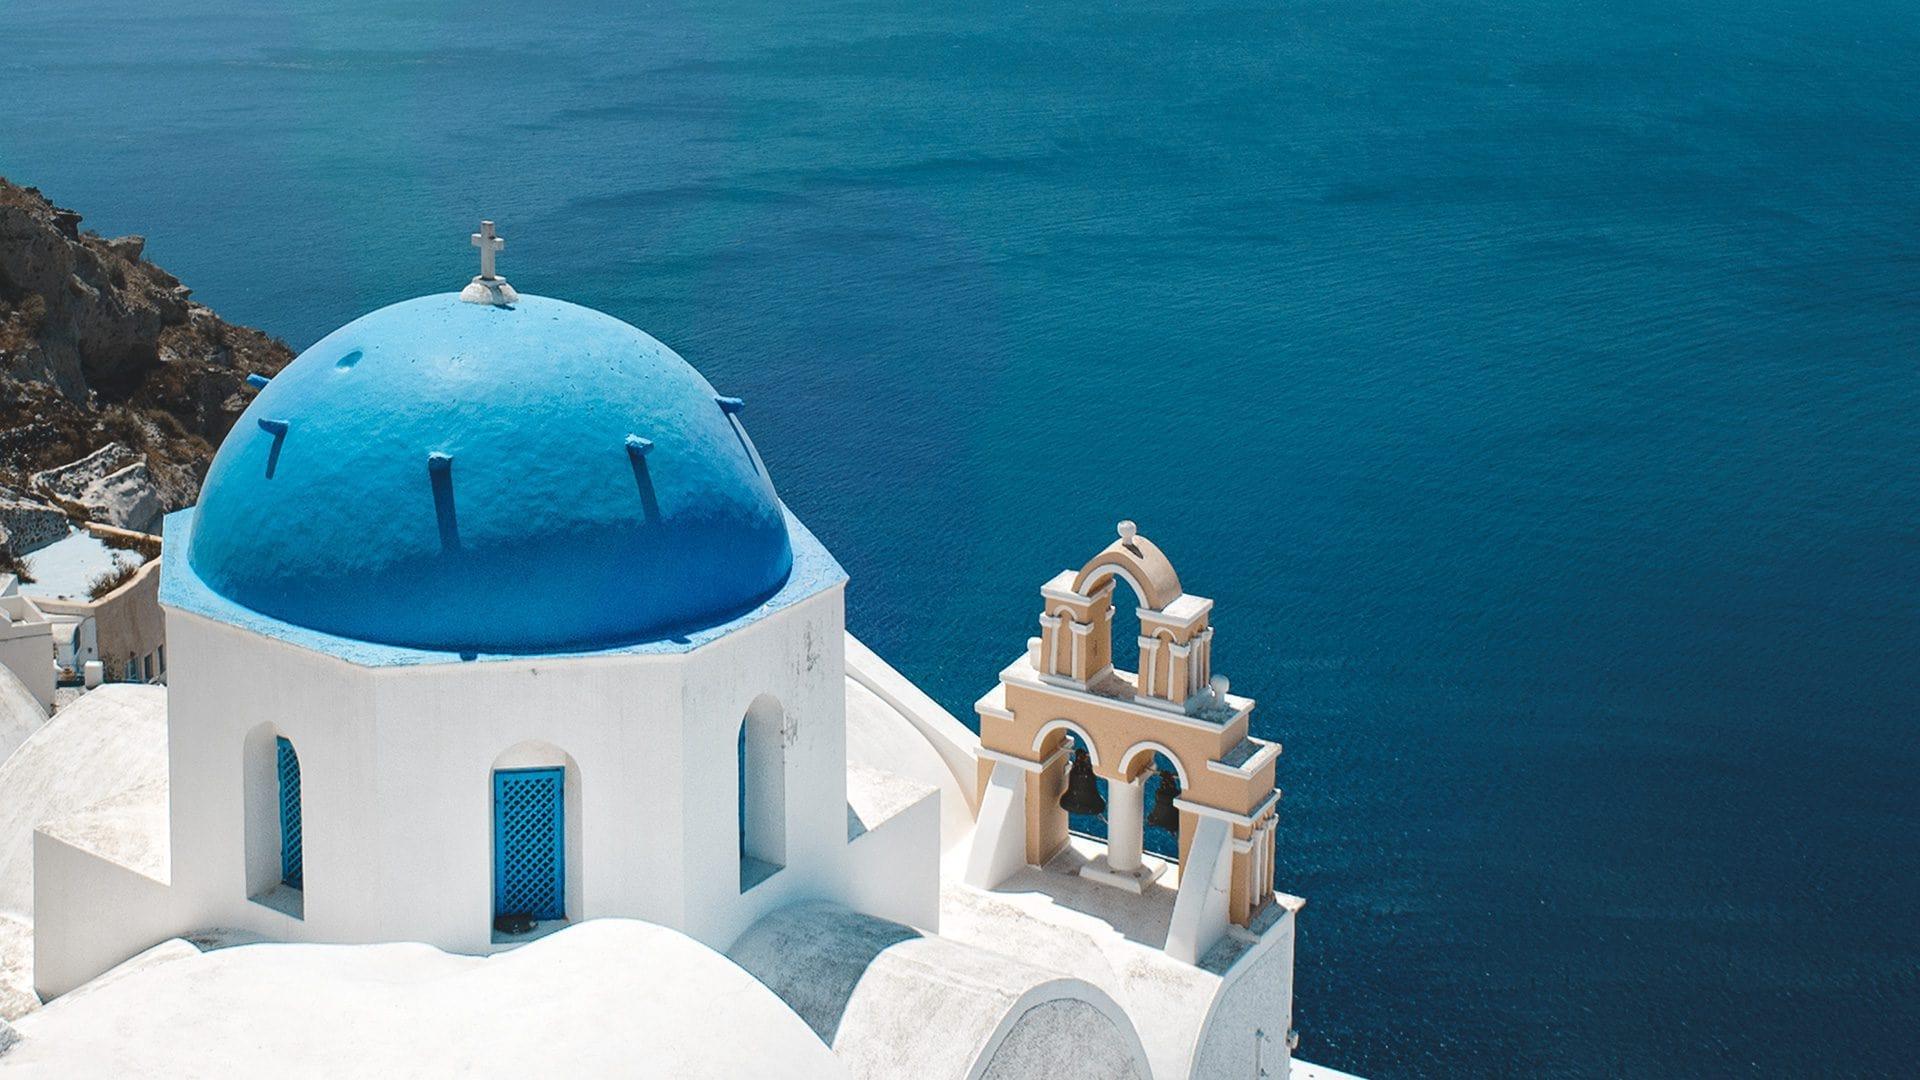 Qué ver en Oia Santorini | Rojo Cangrejo Blog de Viajes